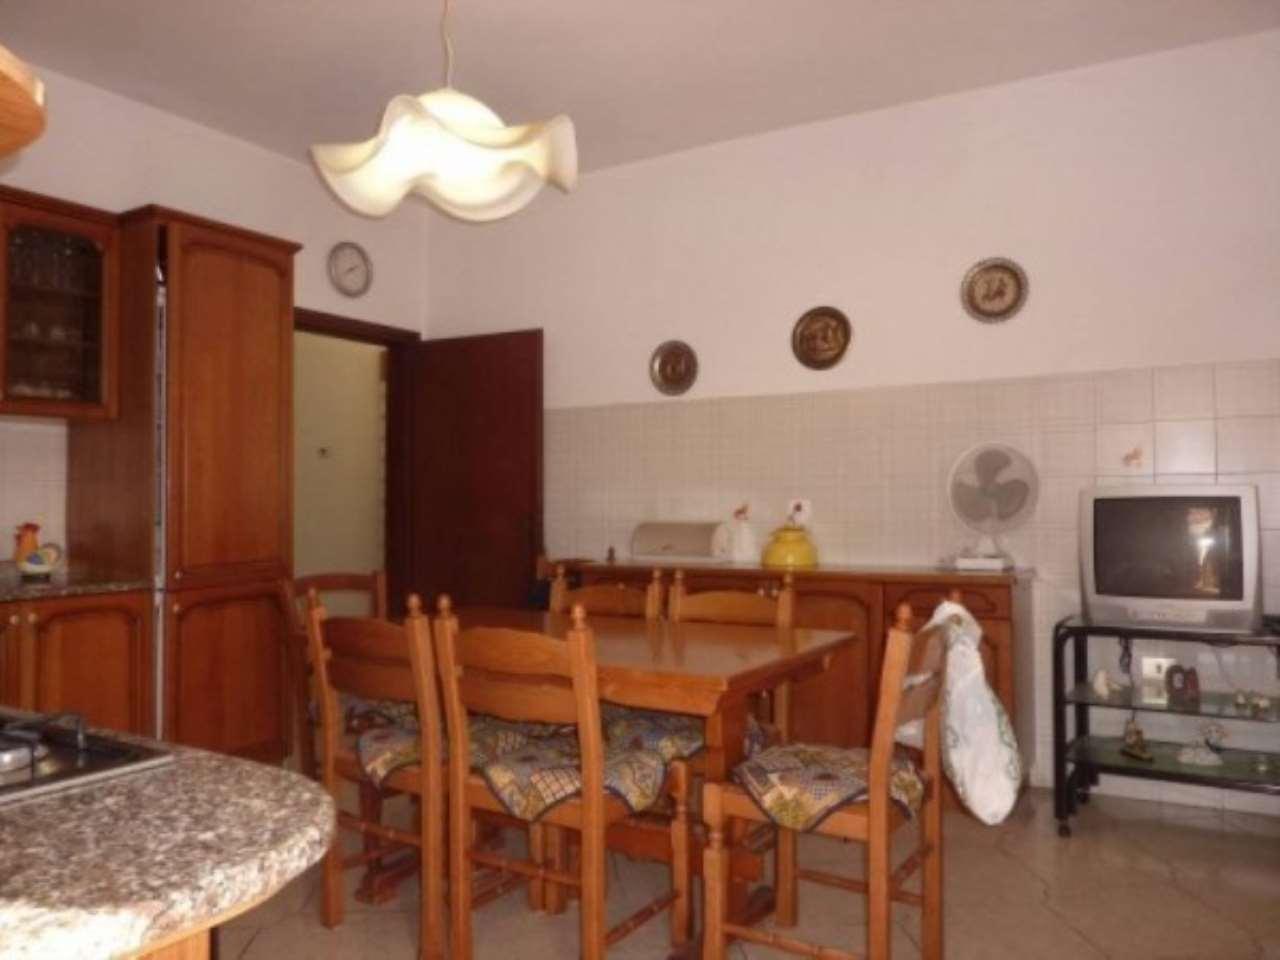 Palazzo / Stabile in vendita a Agliana, 6 locali, prezzo € 270.000 | CambioCasa.it